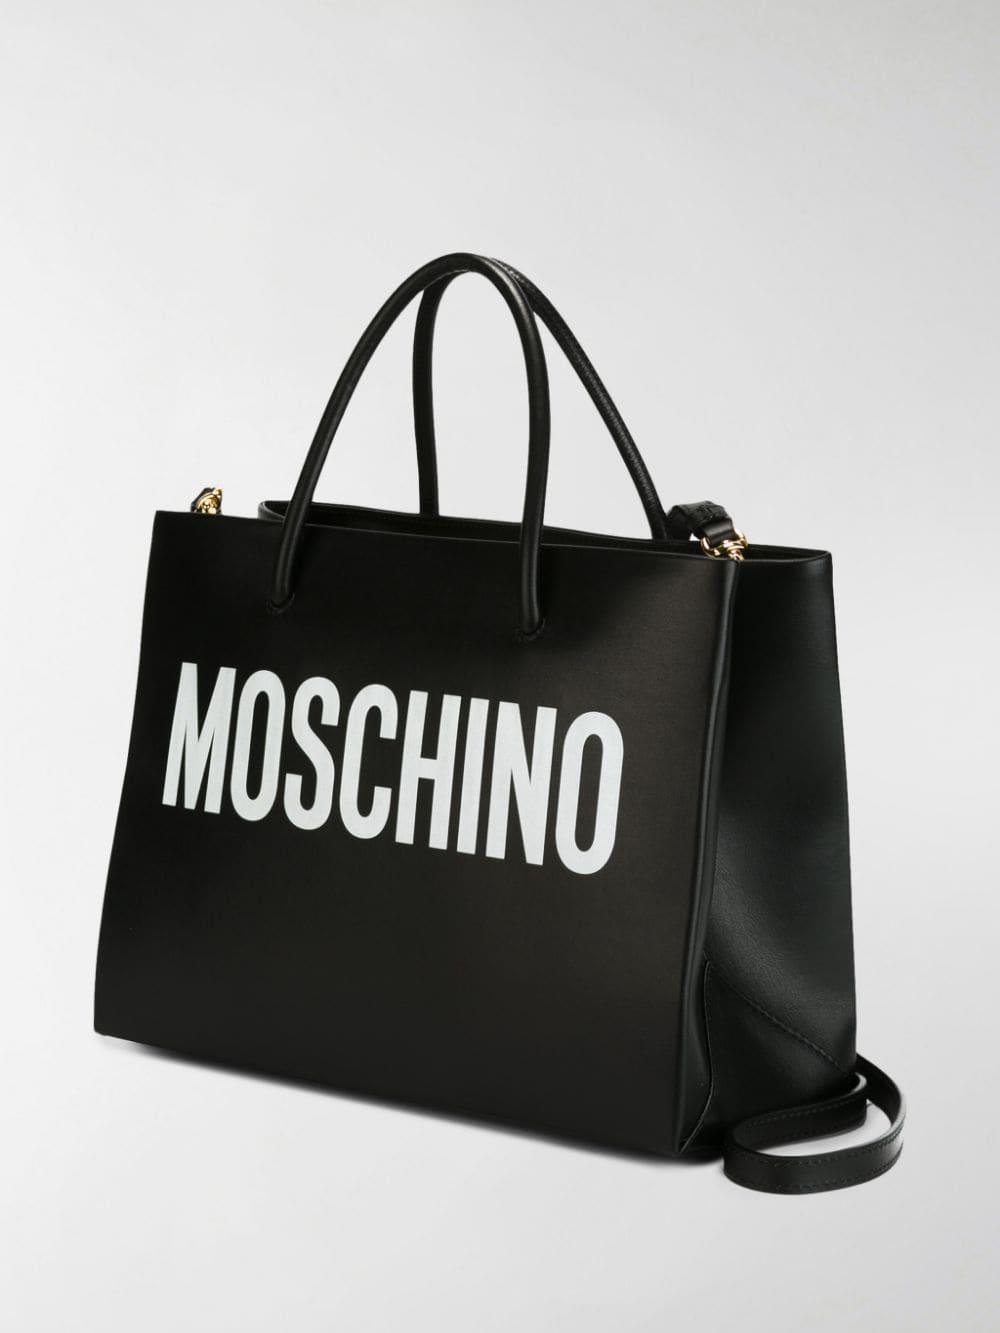 Moschino Logo Print Square Tote in Black